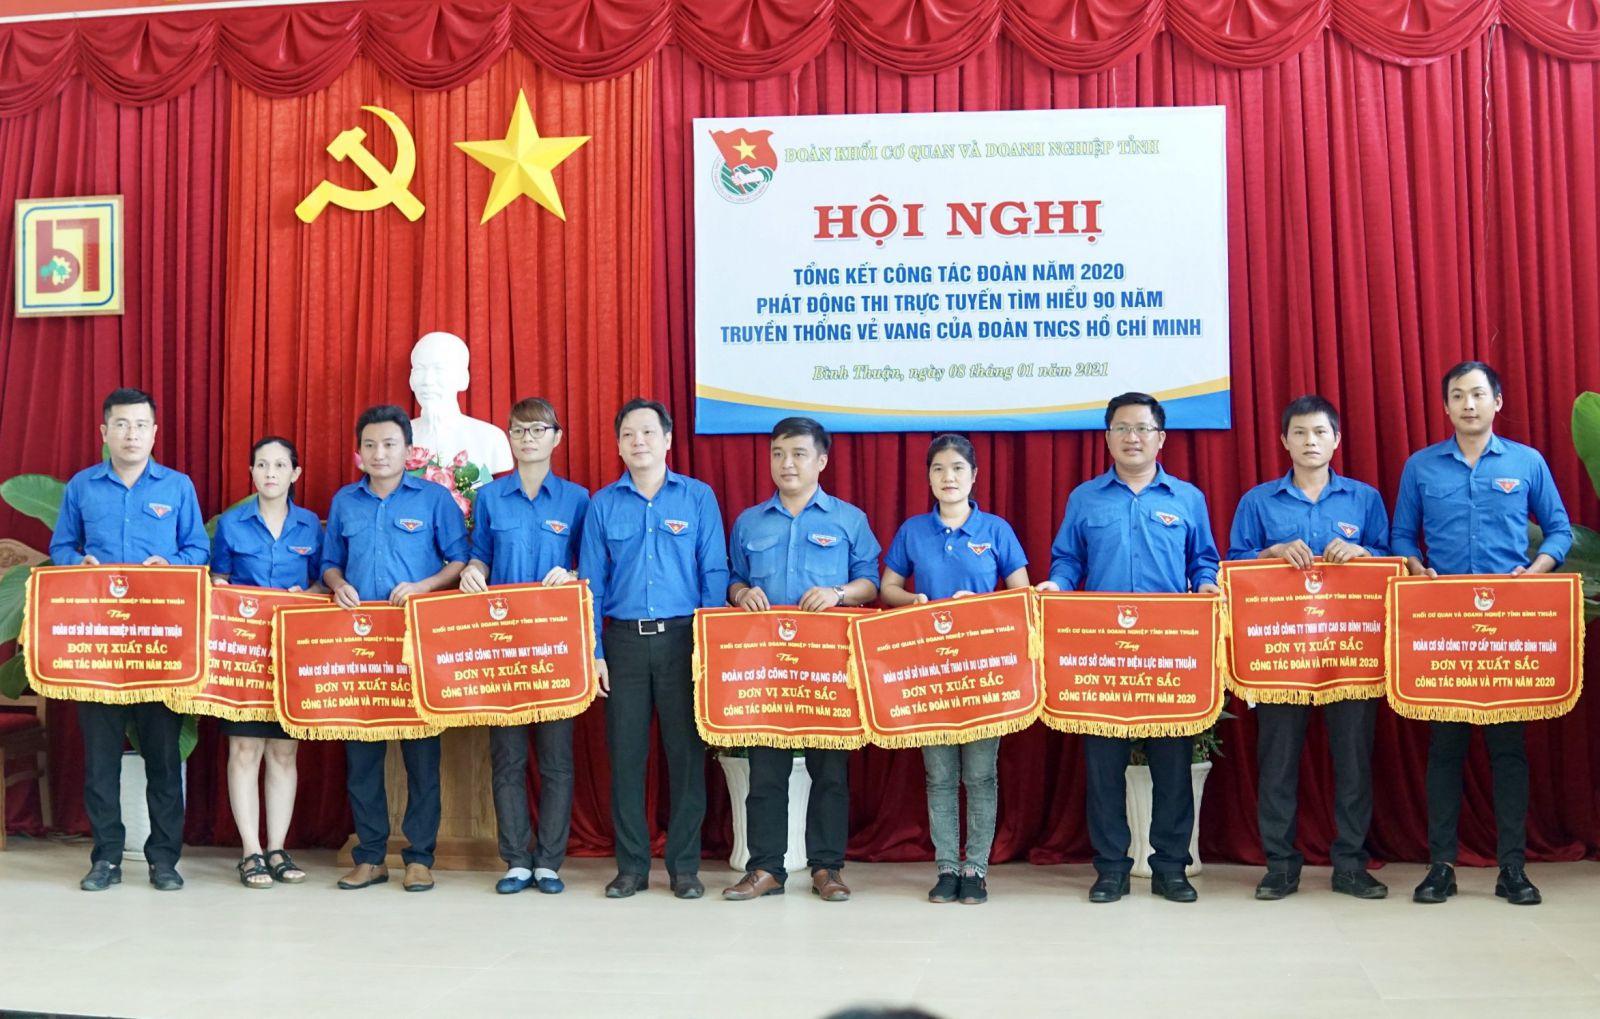 Hình Đoàn Khối tổ chức Hội nghị tổng kết công tác Đoàn 2020, phát động thi trực tuyến tìm hiểu 90 năm truyền thống vẻ vang của Đoàn TNCS Hồ Chí Minh